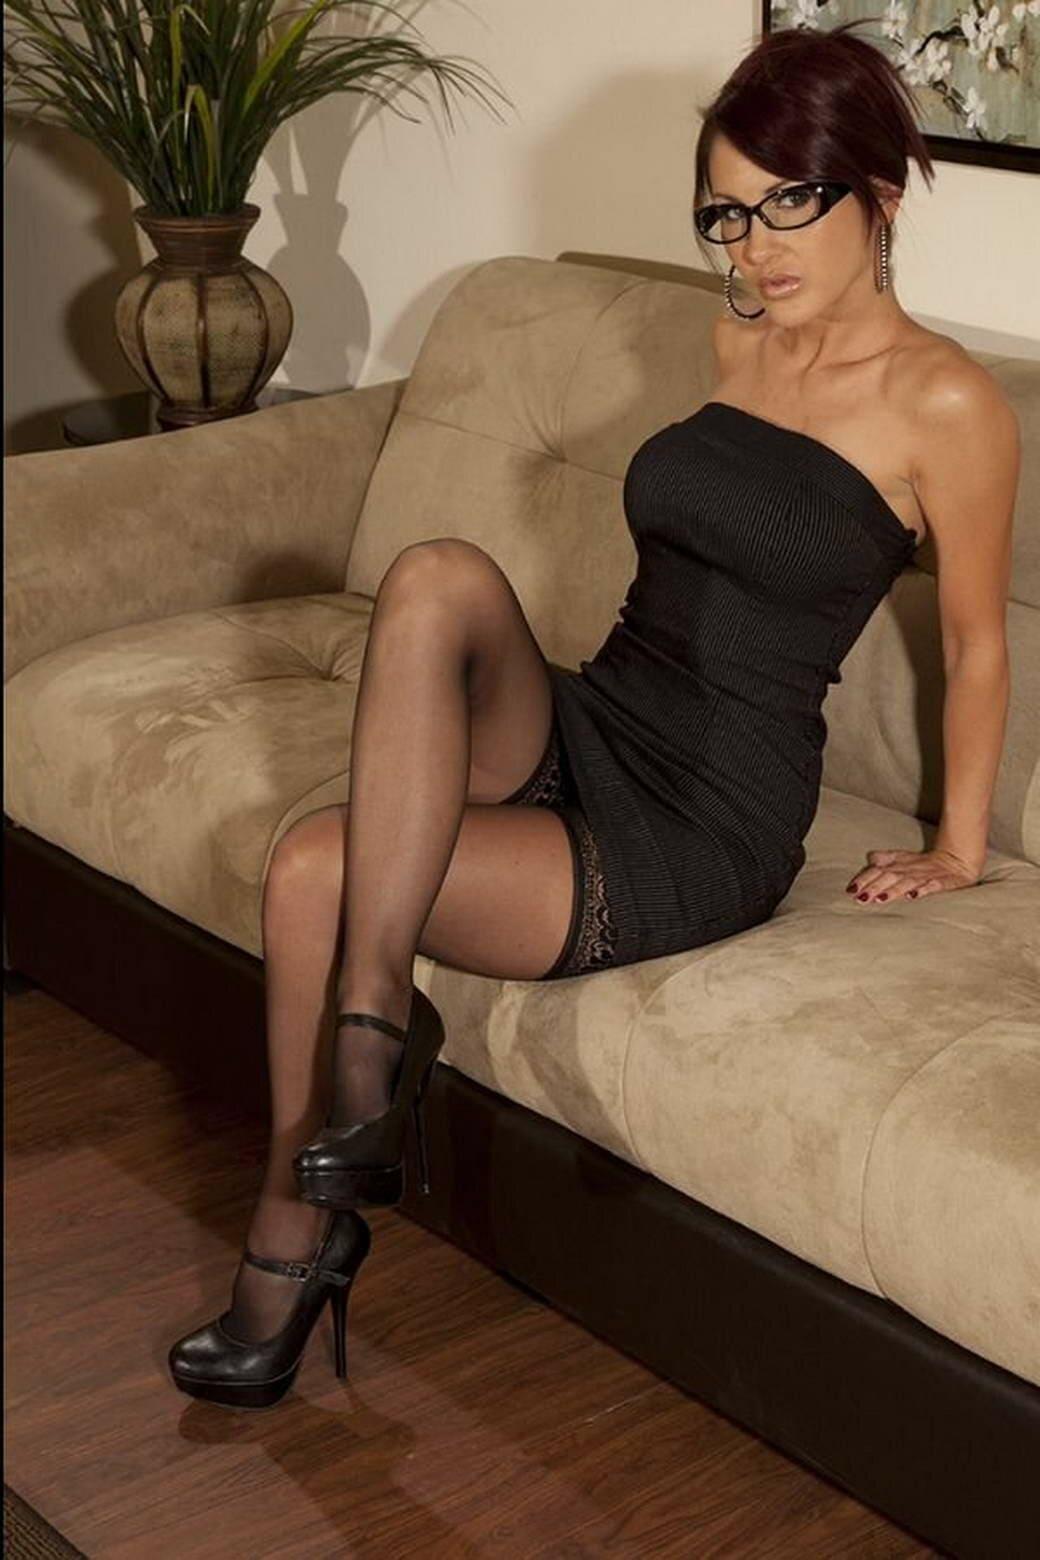 красивые мамки сексуальные фото в очках на диване в чулках и коротком черном вечернем платье сидит нога на ногу закинута, туфли на высоком каблуке с пряжкой